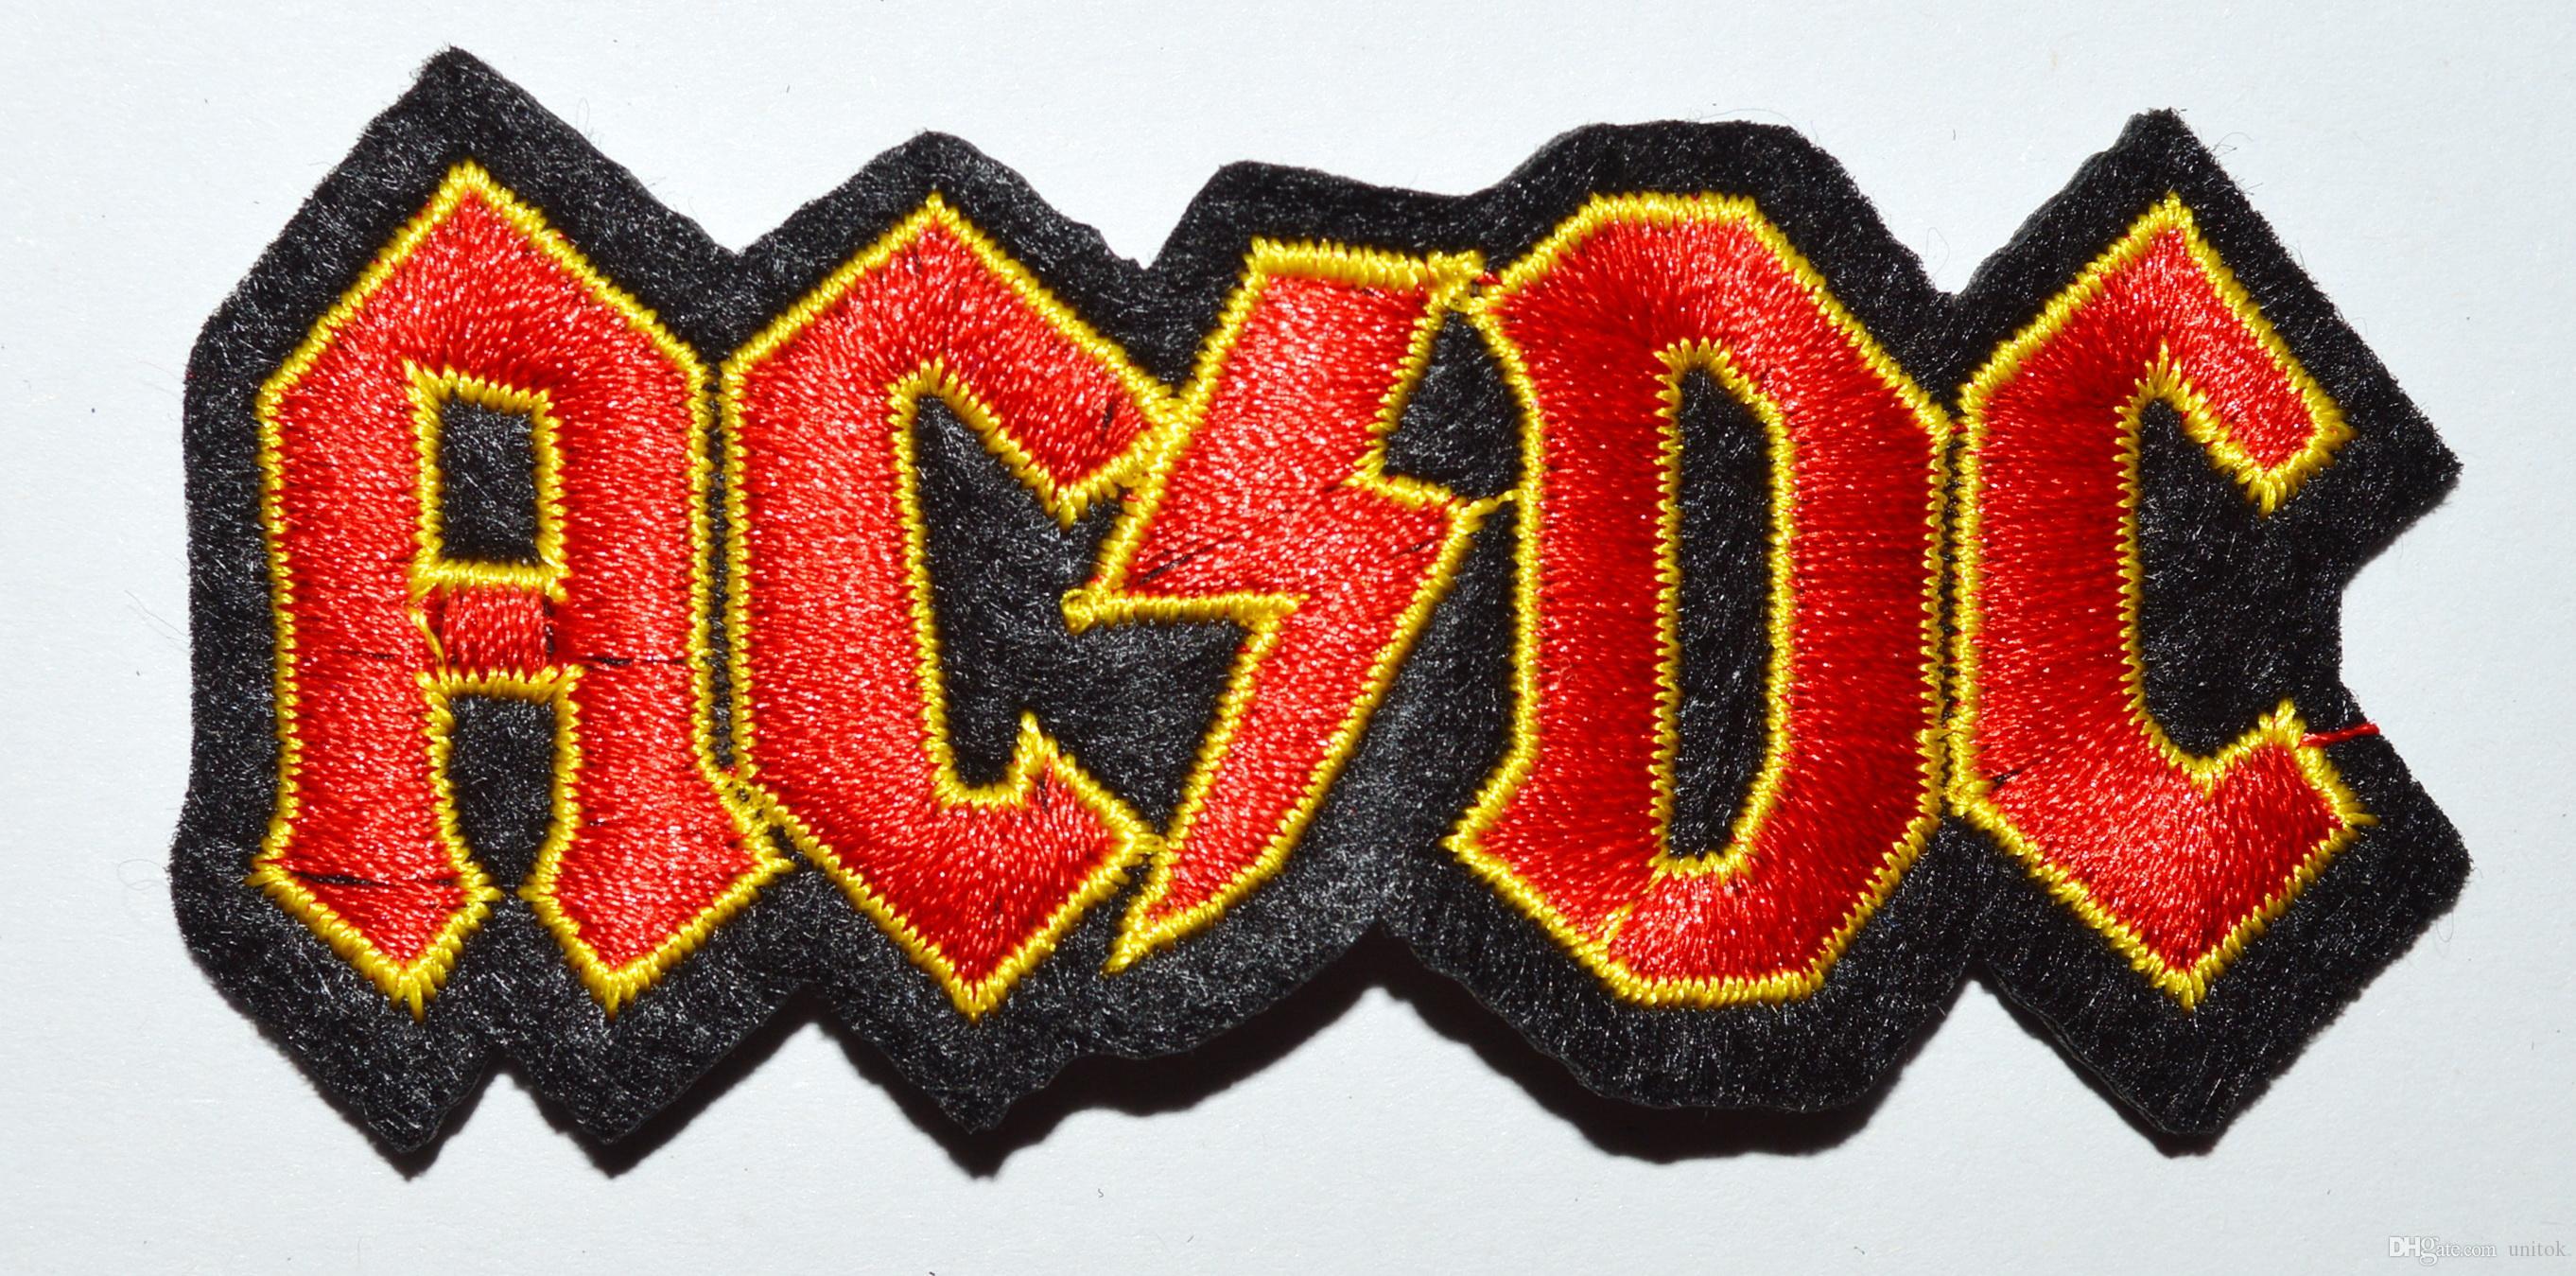 (크기 : 약 8 * 4 cm) ~ AC / DC ROCK LOGO RED 직류 크로스 아이언 켜기 자수 패치